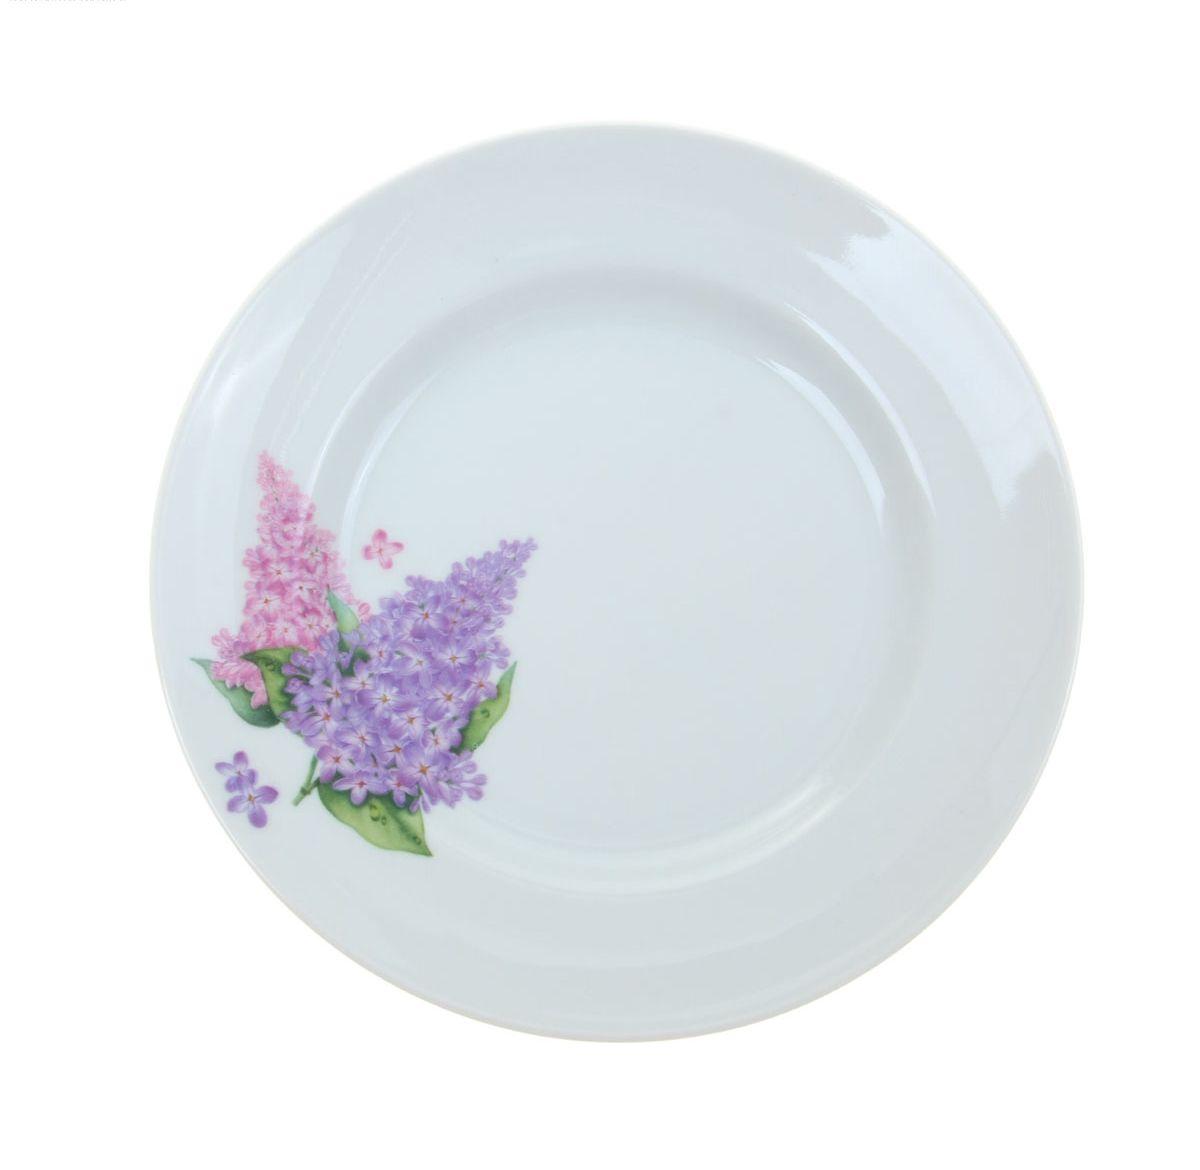 Тарелка мелкая Идиллия. Сирень, диаметр 20 см4С0189/1035432Мелкая тарелка Идиллия. Сирень выполнена из высококачественного фарфора и украшена ярким рисунком. Она прекрасно впишется в интерьер вашей кухни и станет достойным дополнением к кухонному инвентарю. Тарелка Идиллия. Сирень подчеркнет прекрасный вкус хозяйки и станет отличным подарком.